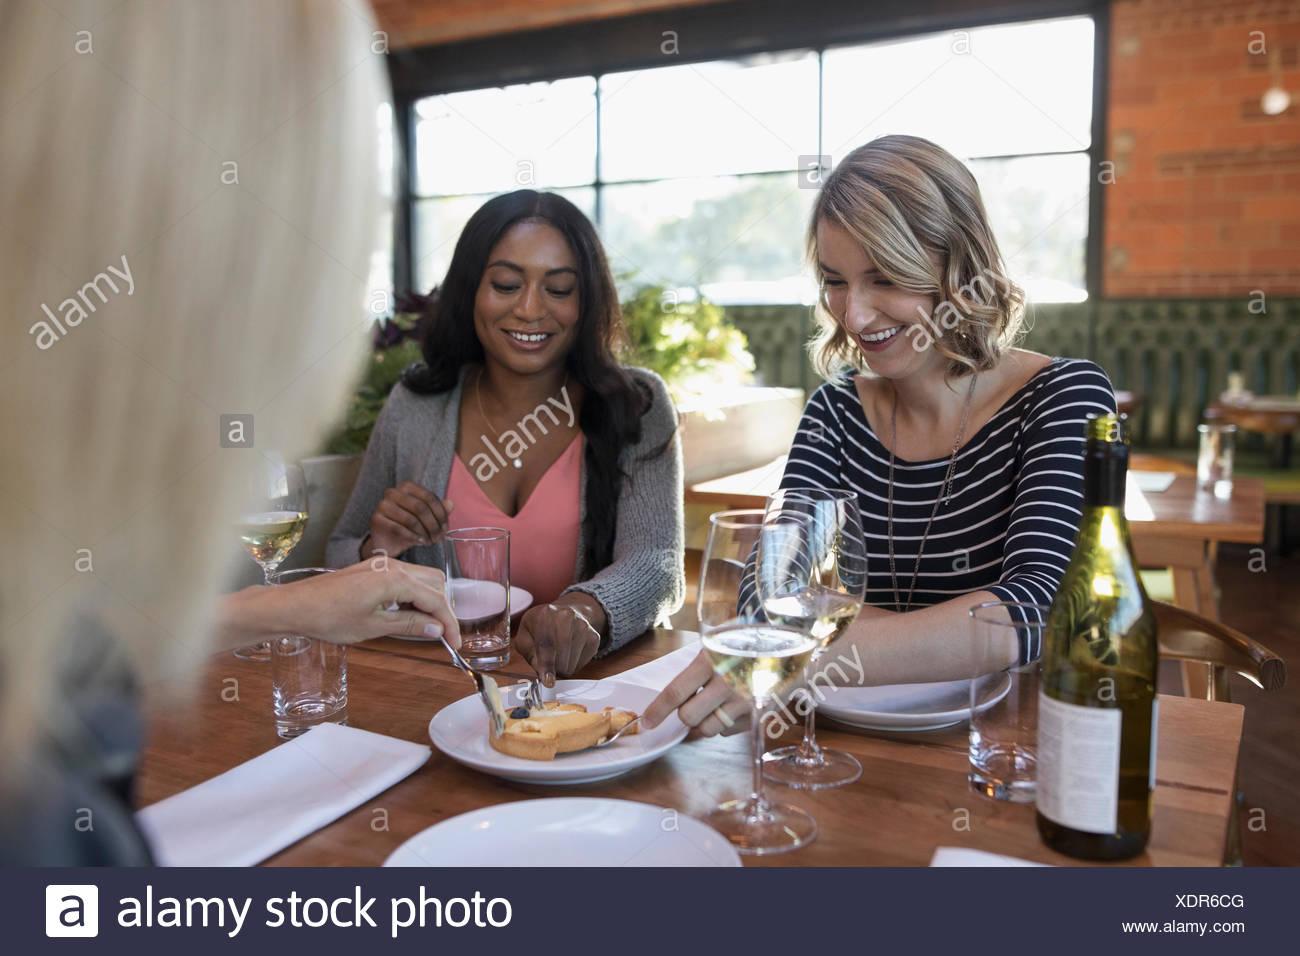 Le donne degli amici condividendo il dessert e bere vino bianco, cenare presso il ristorante la tabella Immagini Stock